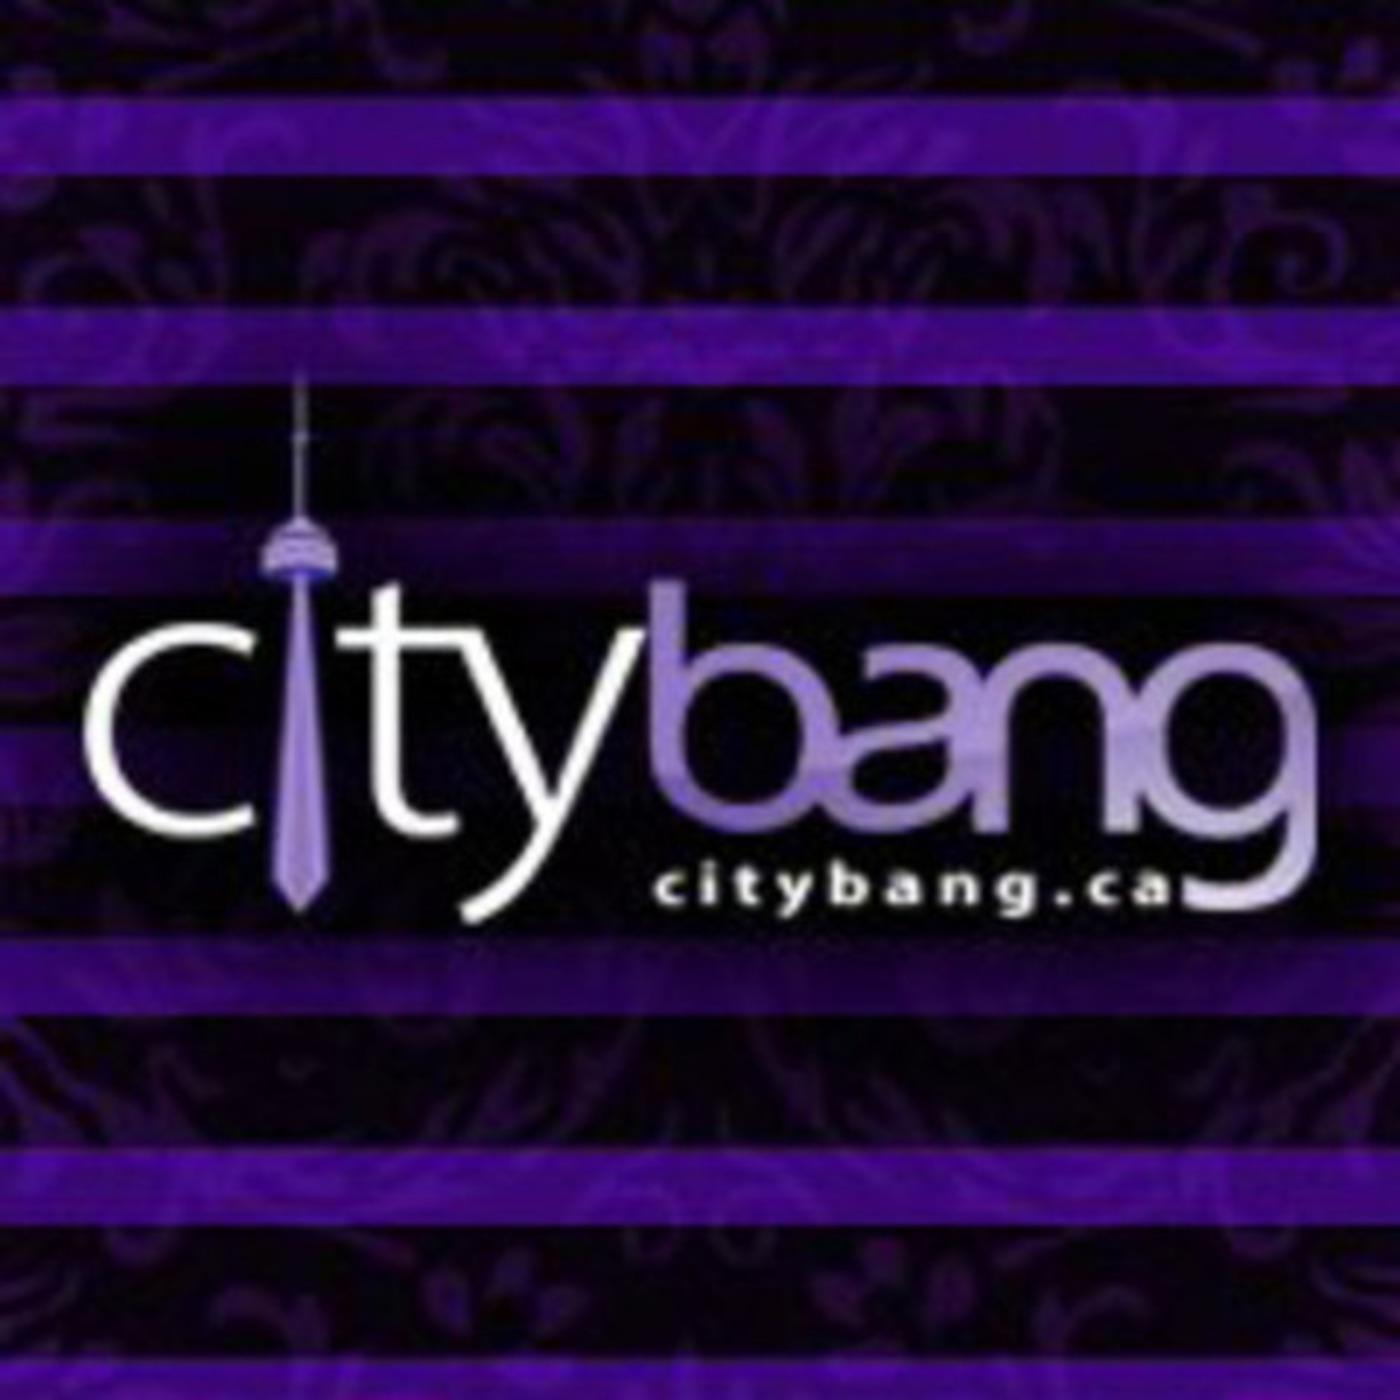 CityBang Media's Podcast